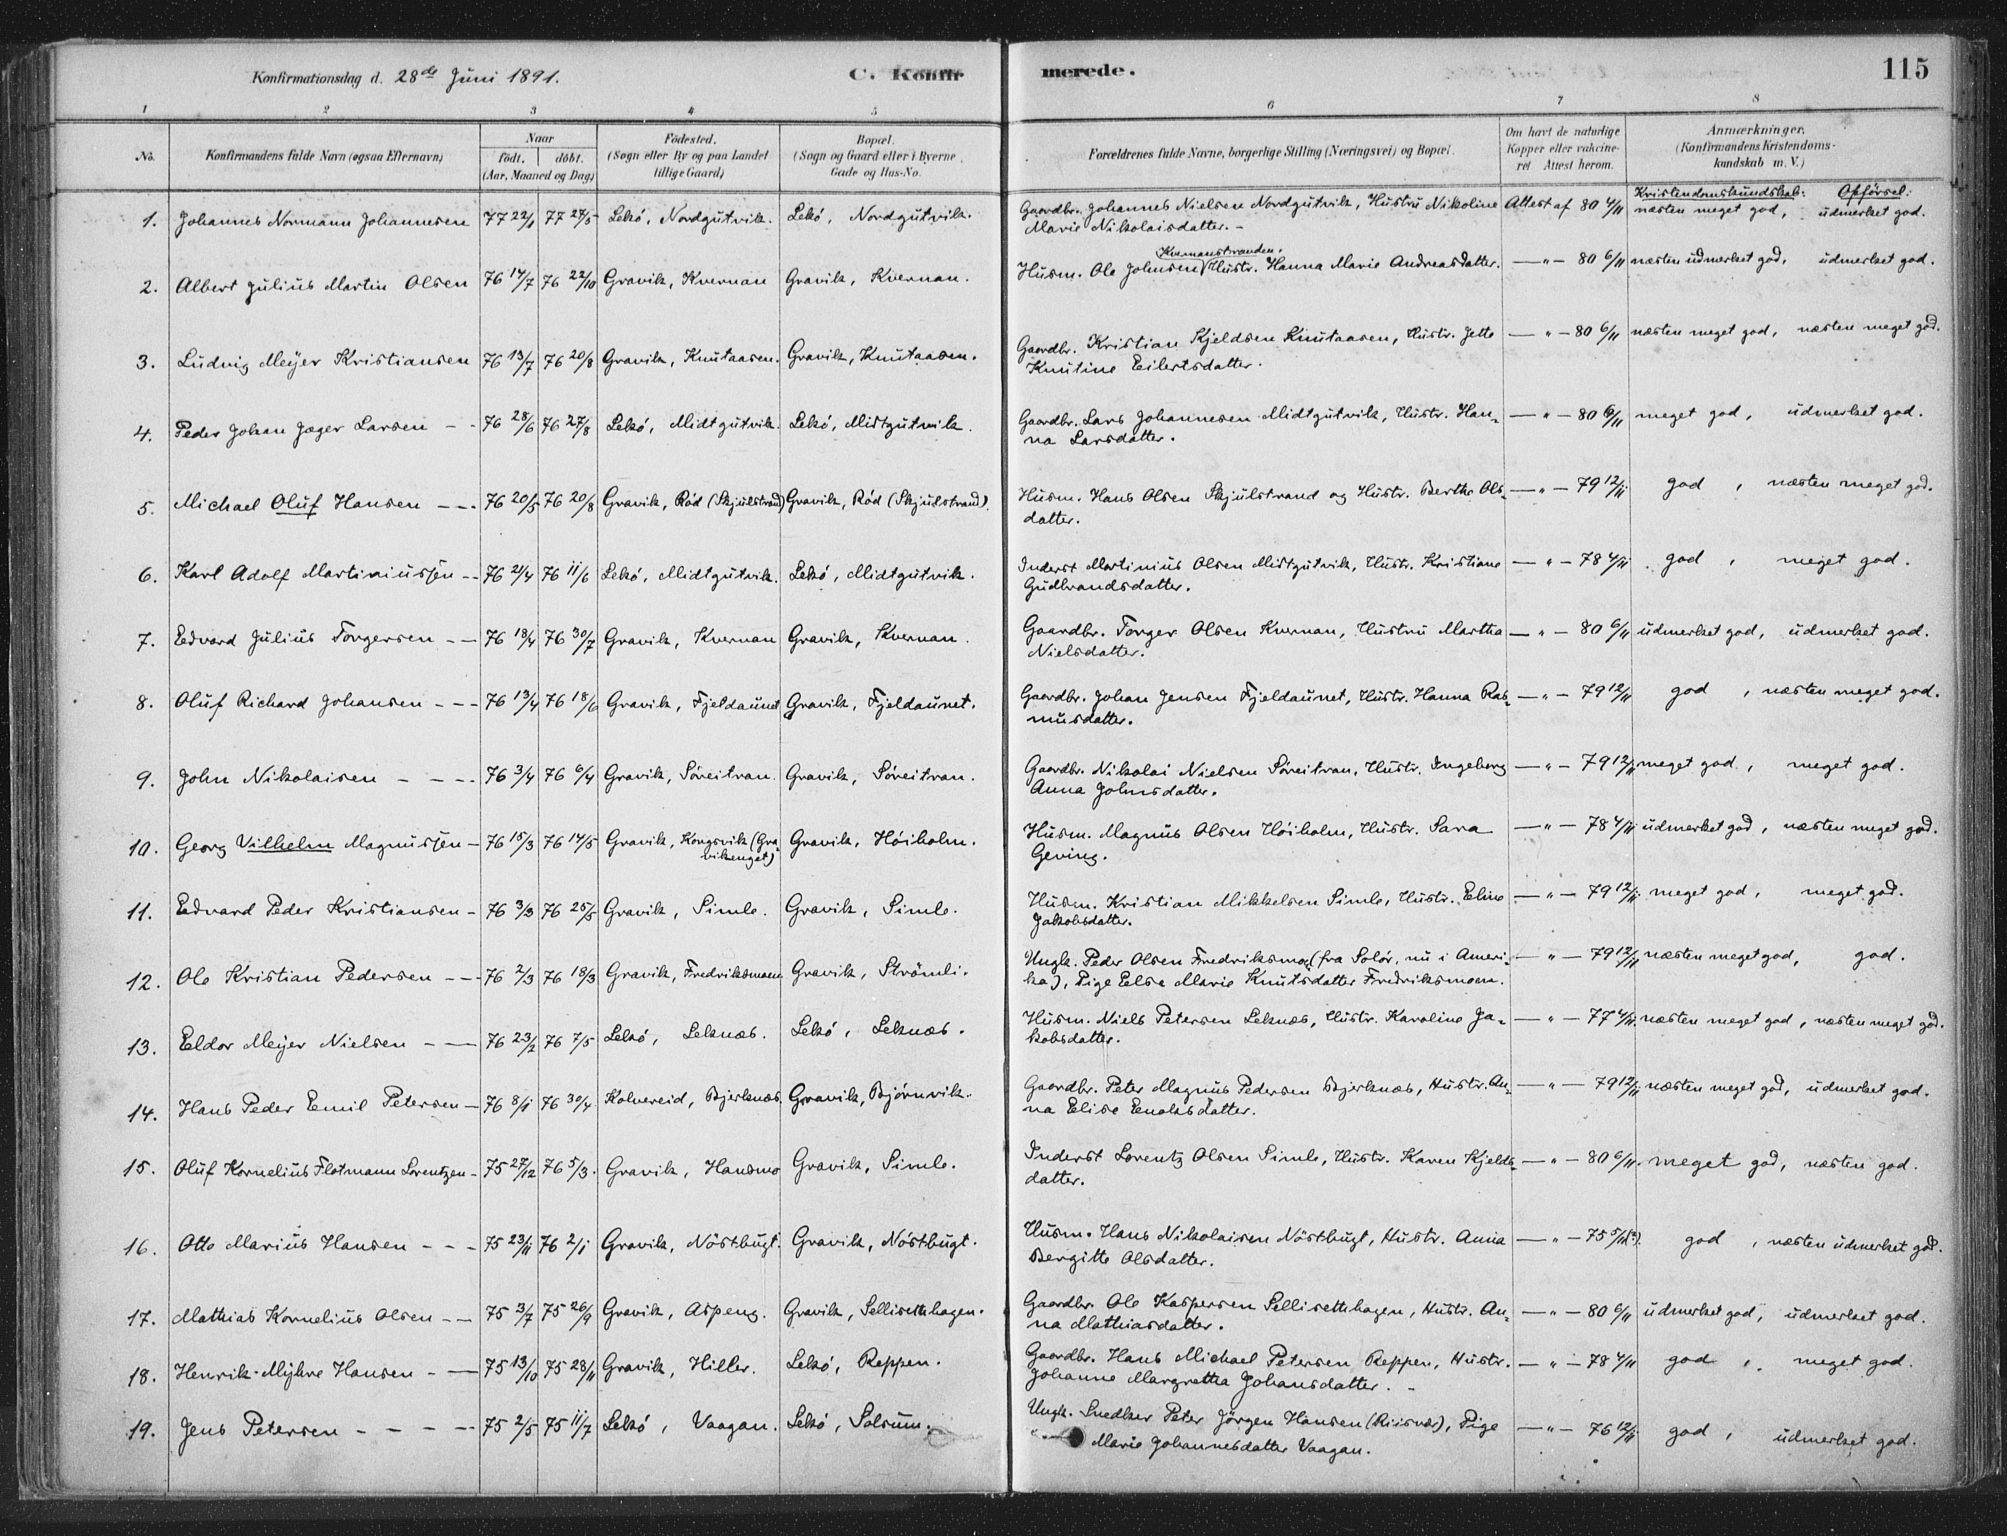 SAT, Ministerialprotokoller, klokkerbøker og fødselsregistre - Nord-Trøndelag, 788/L0697: Ministerialbok nr. 788A04, 1878-1902, s. 115